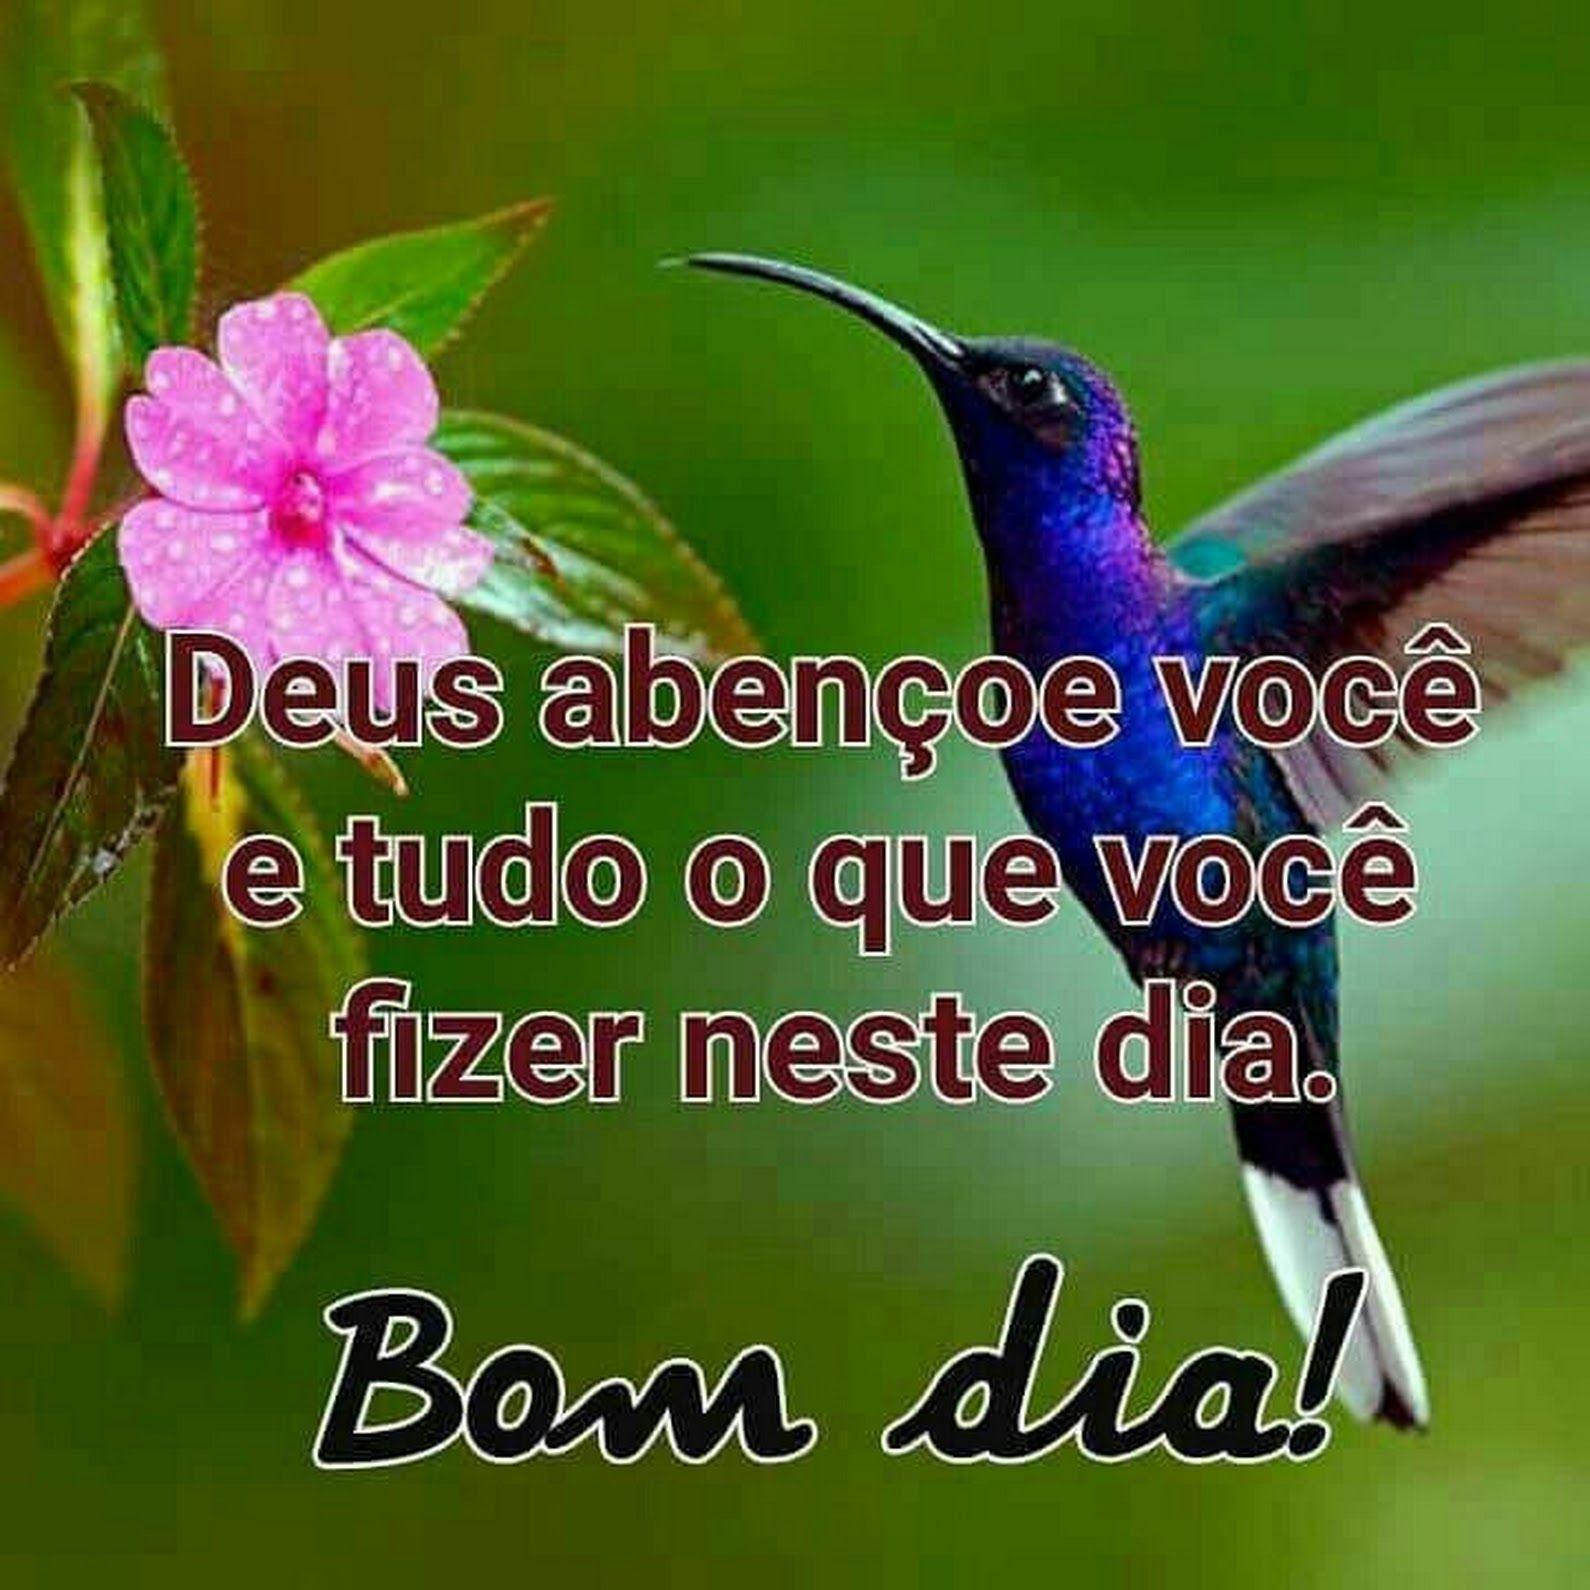 Amem Bom Dia Com Fe E Alegria E Que Deus Abencoe A Todos Nos